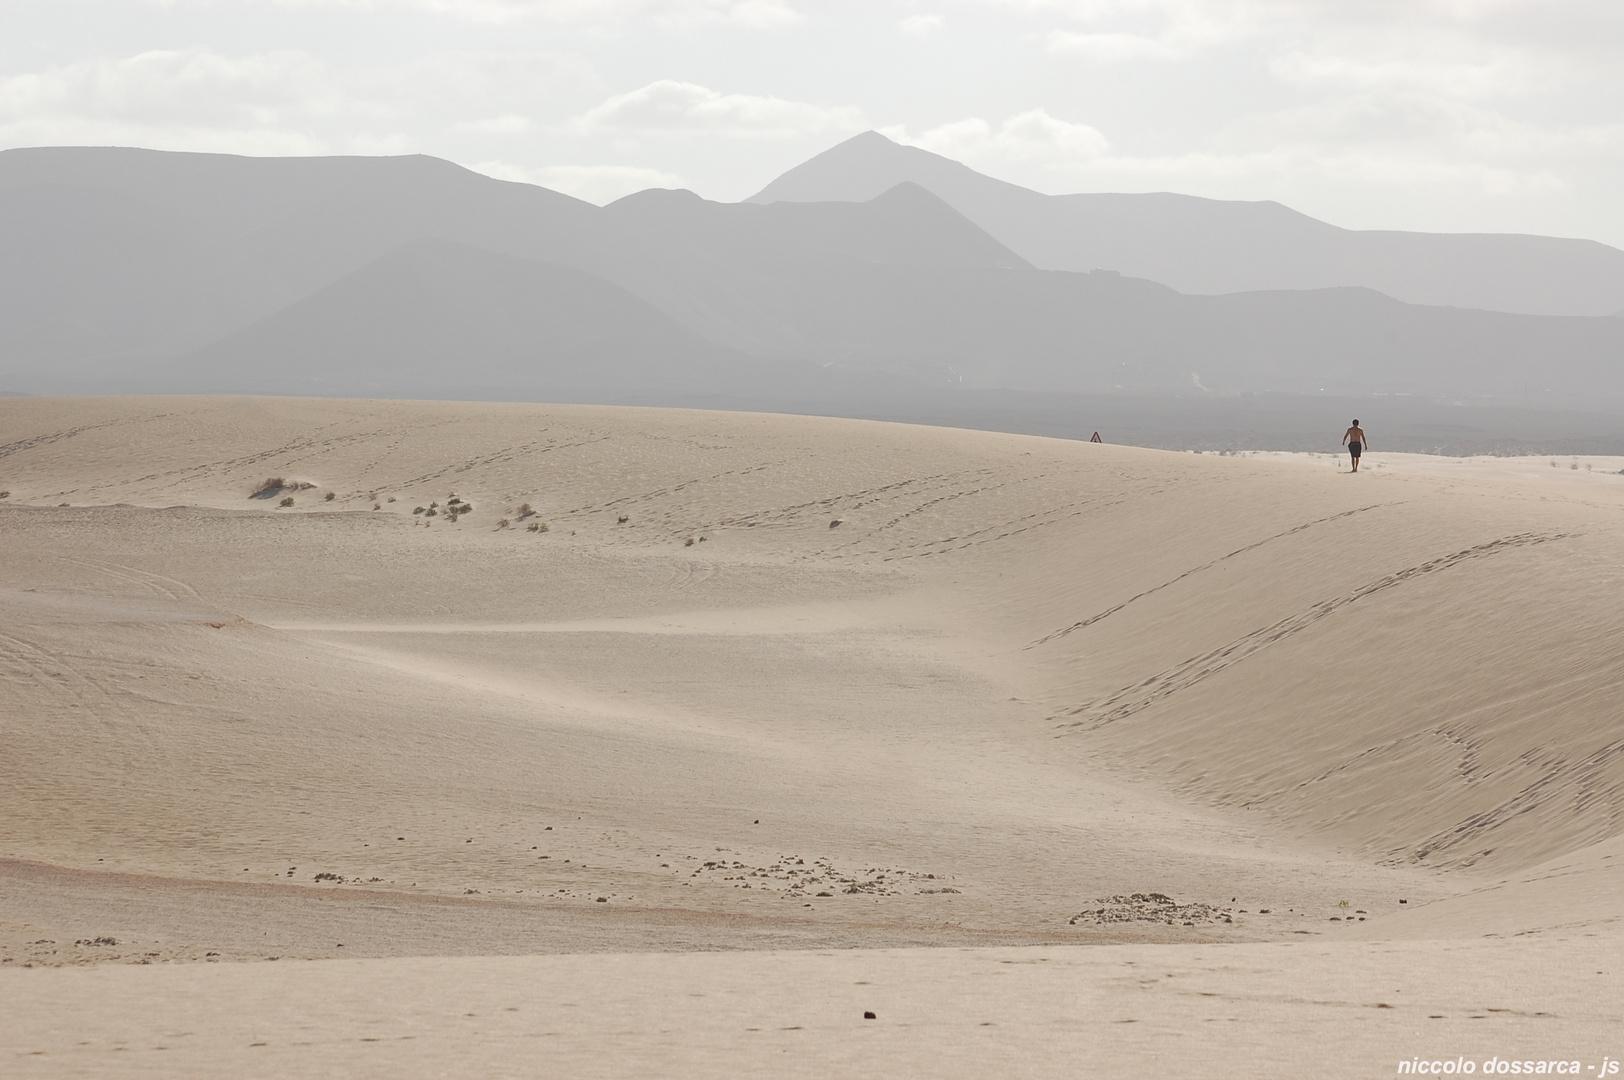 Fuerteventura - Corralejo - parque natural - Sahara-Sand -  Dünen ( D-09 / 2017 )